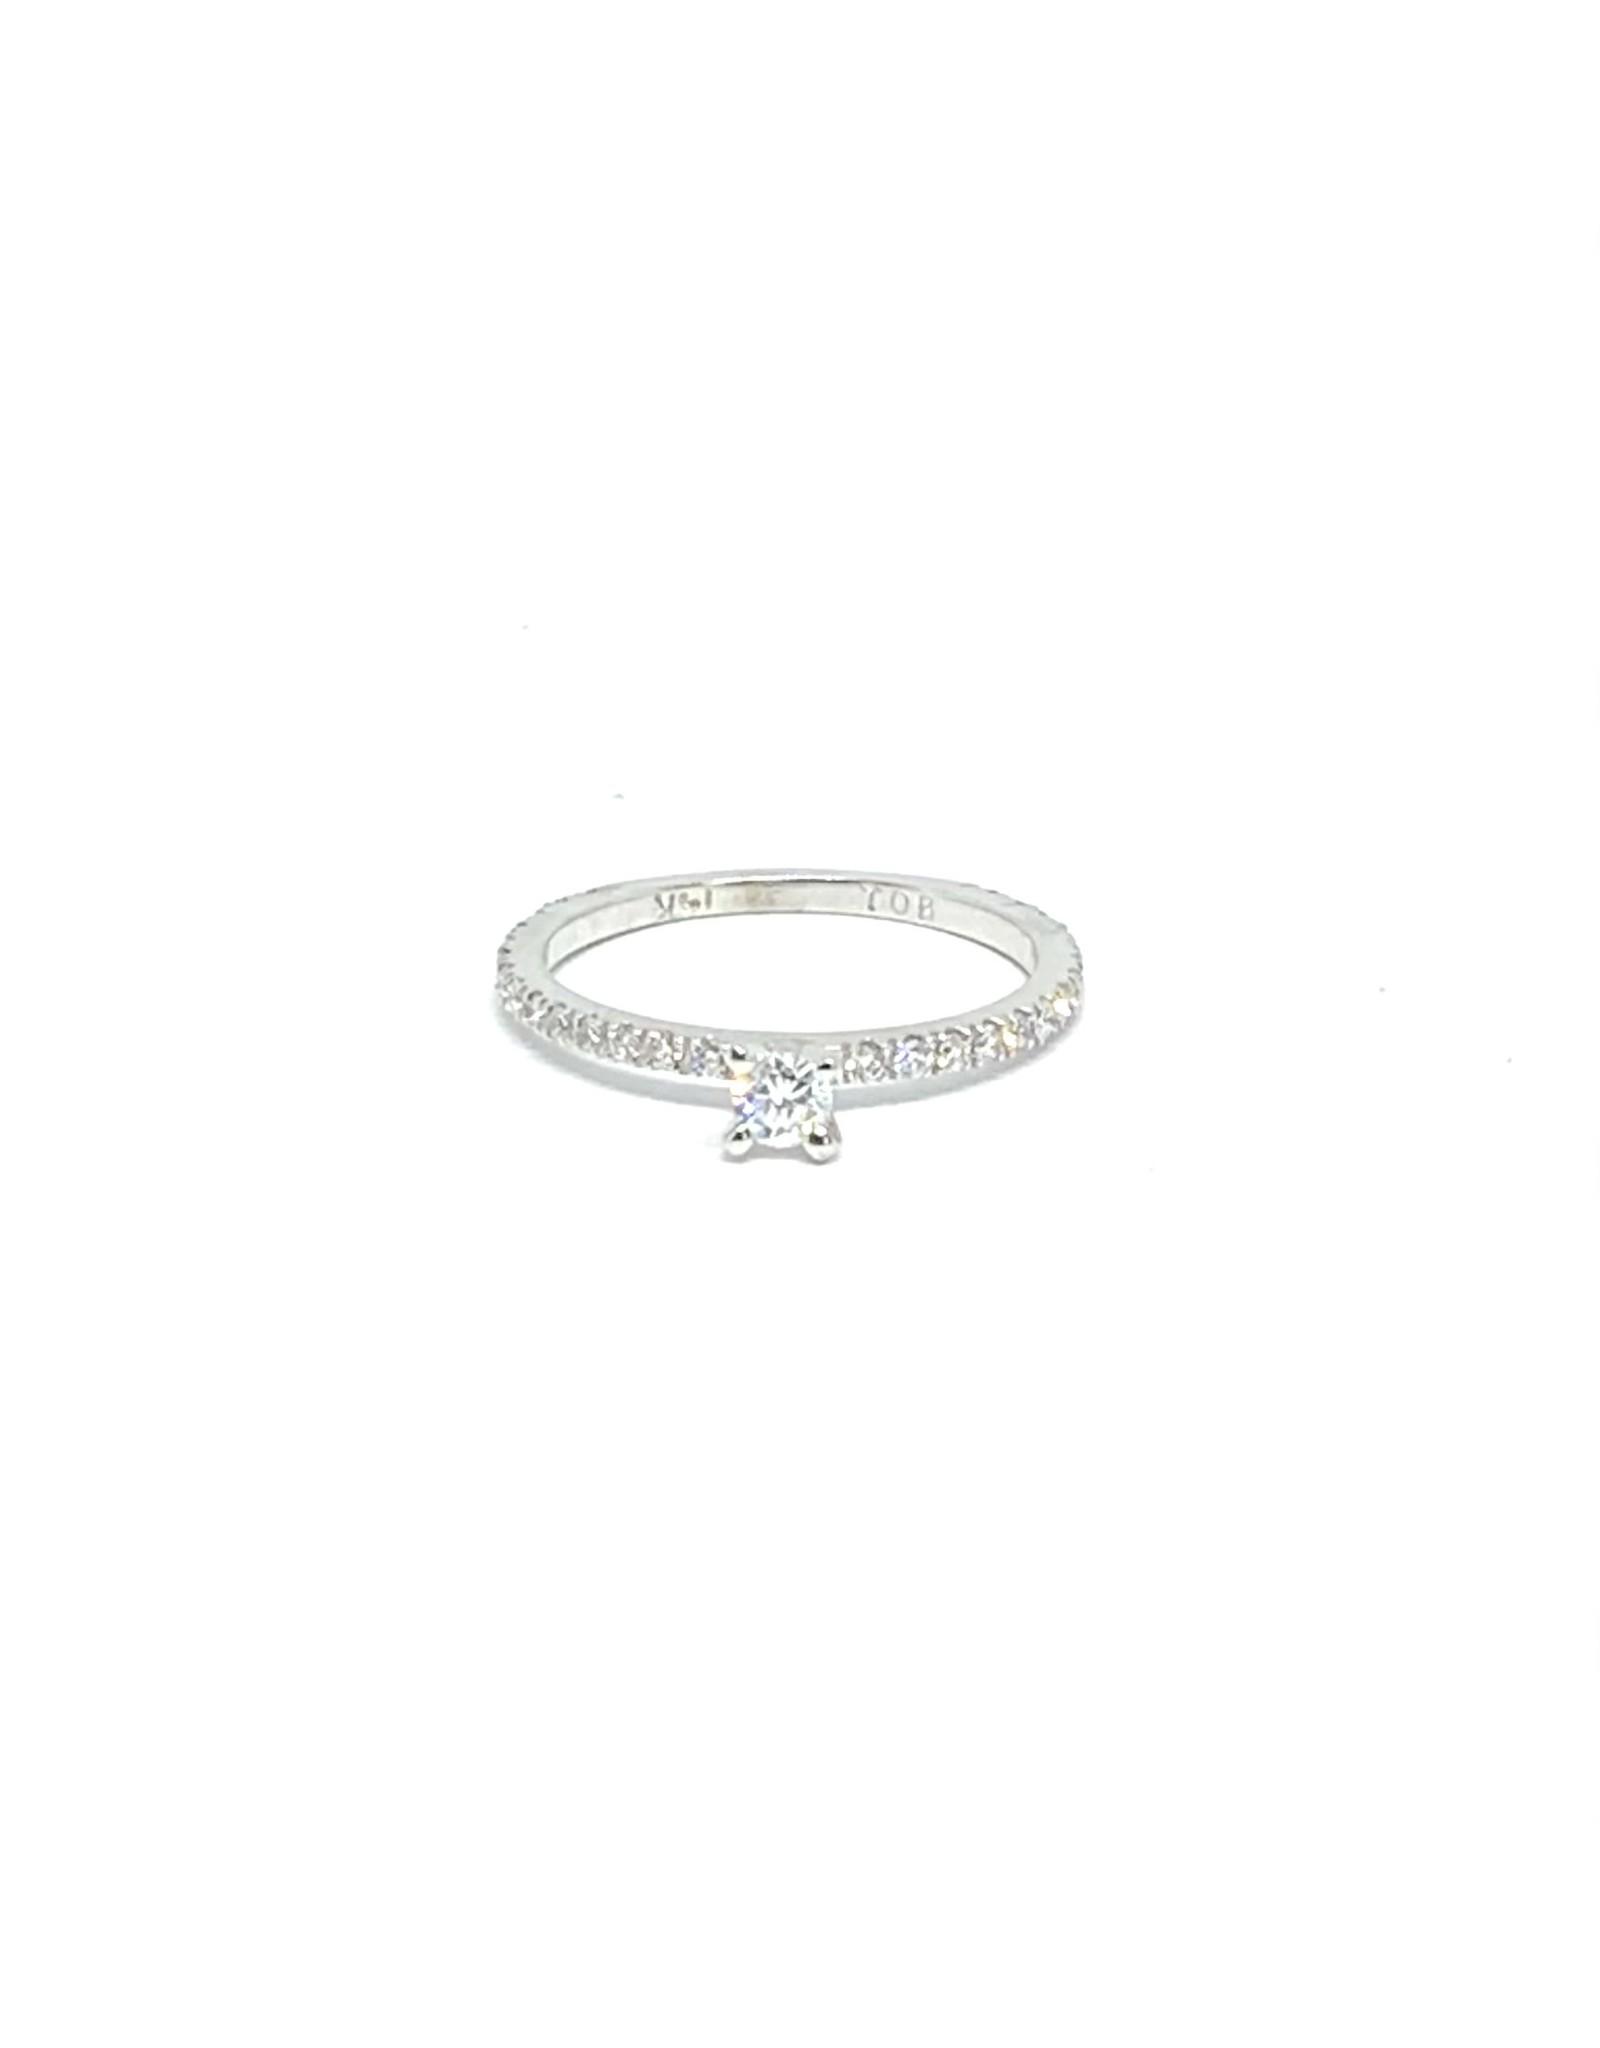 PARÉ Bague solitaire Or blanc 14K avec diamants